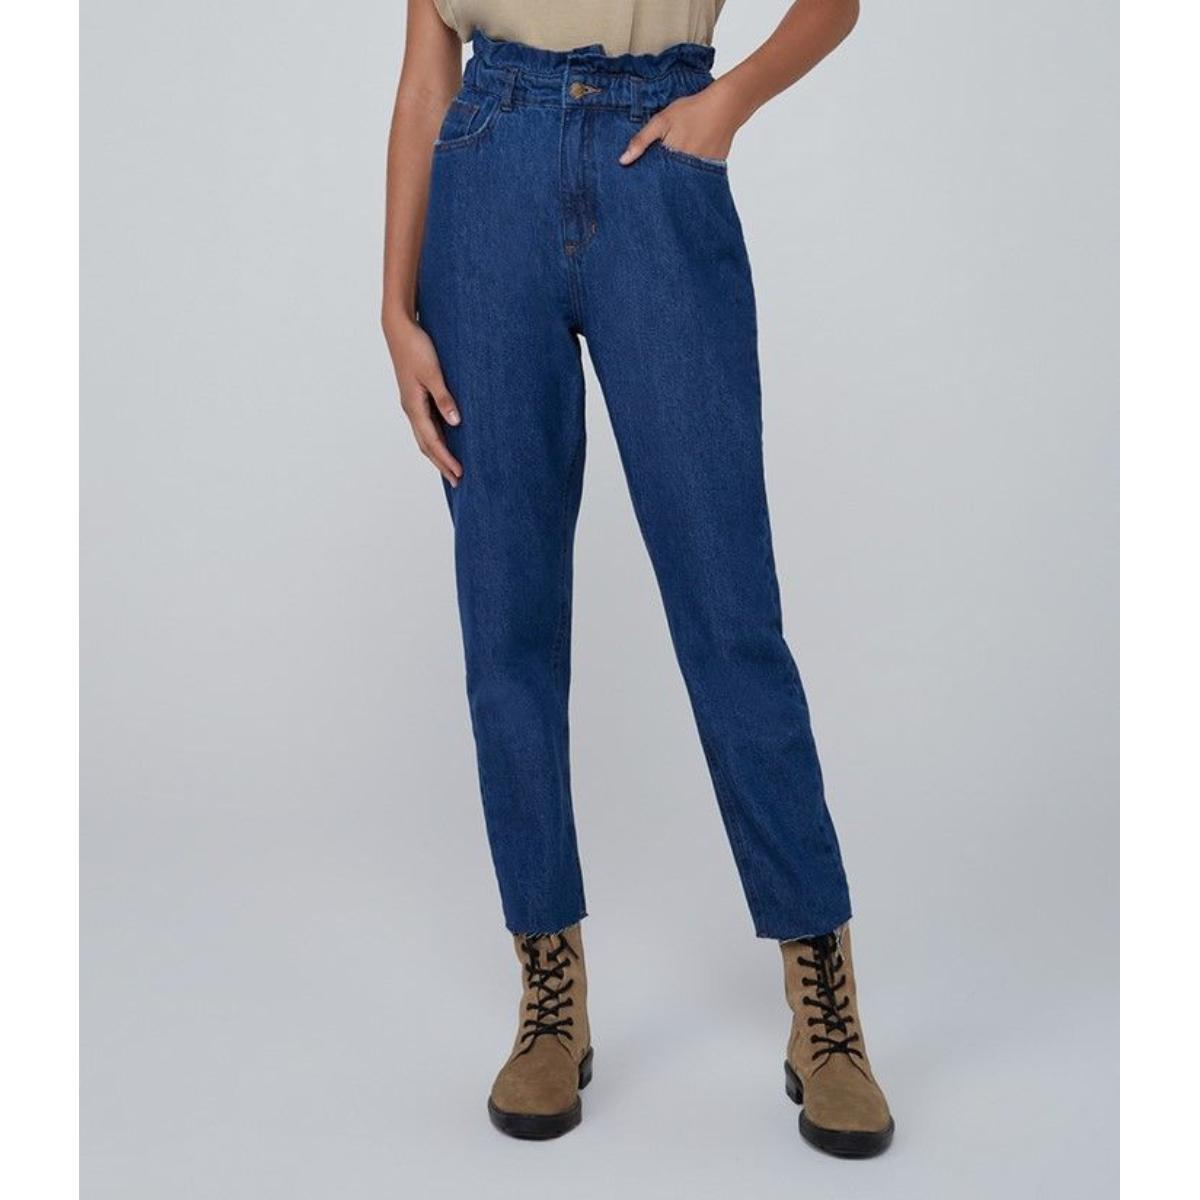 Calça Feminina Dzarm Zu73 1asn Jeans Escuro